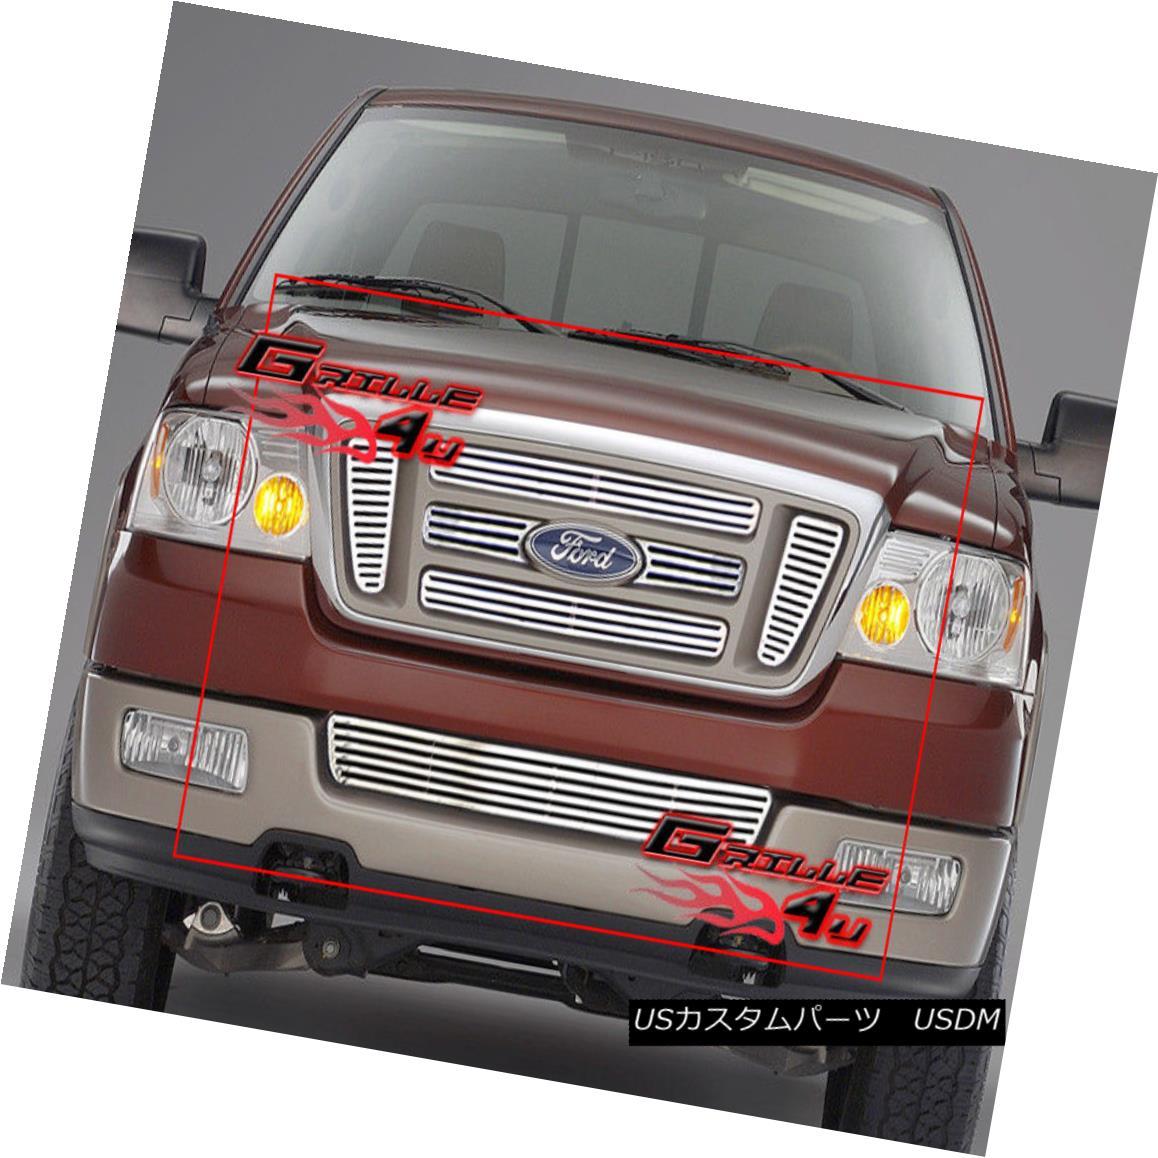 グリル Fits 04-05 Ford F-150 Bar Style Perimeter CNC Machine Cut Billet Grille Combo フィット04-05 Ford F-150バースタイル周縁CNCマシンカットビレットグリルコンボ